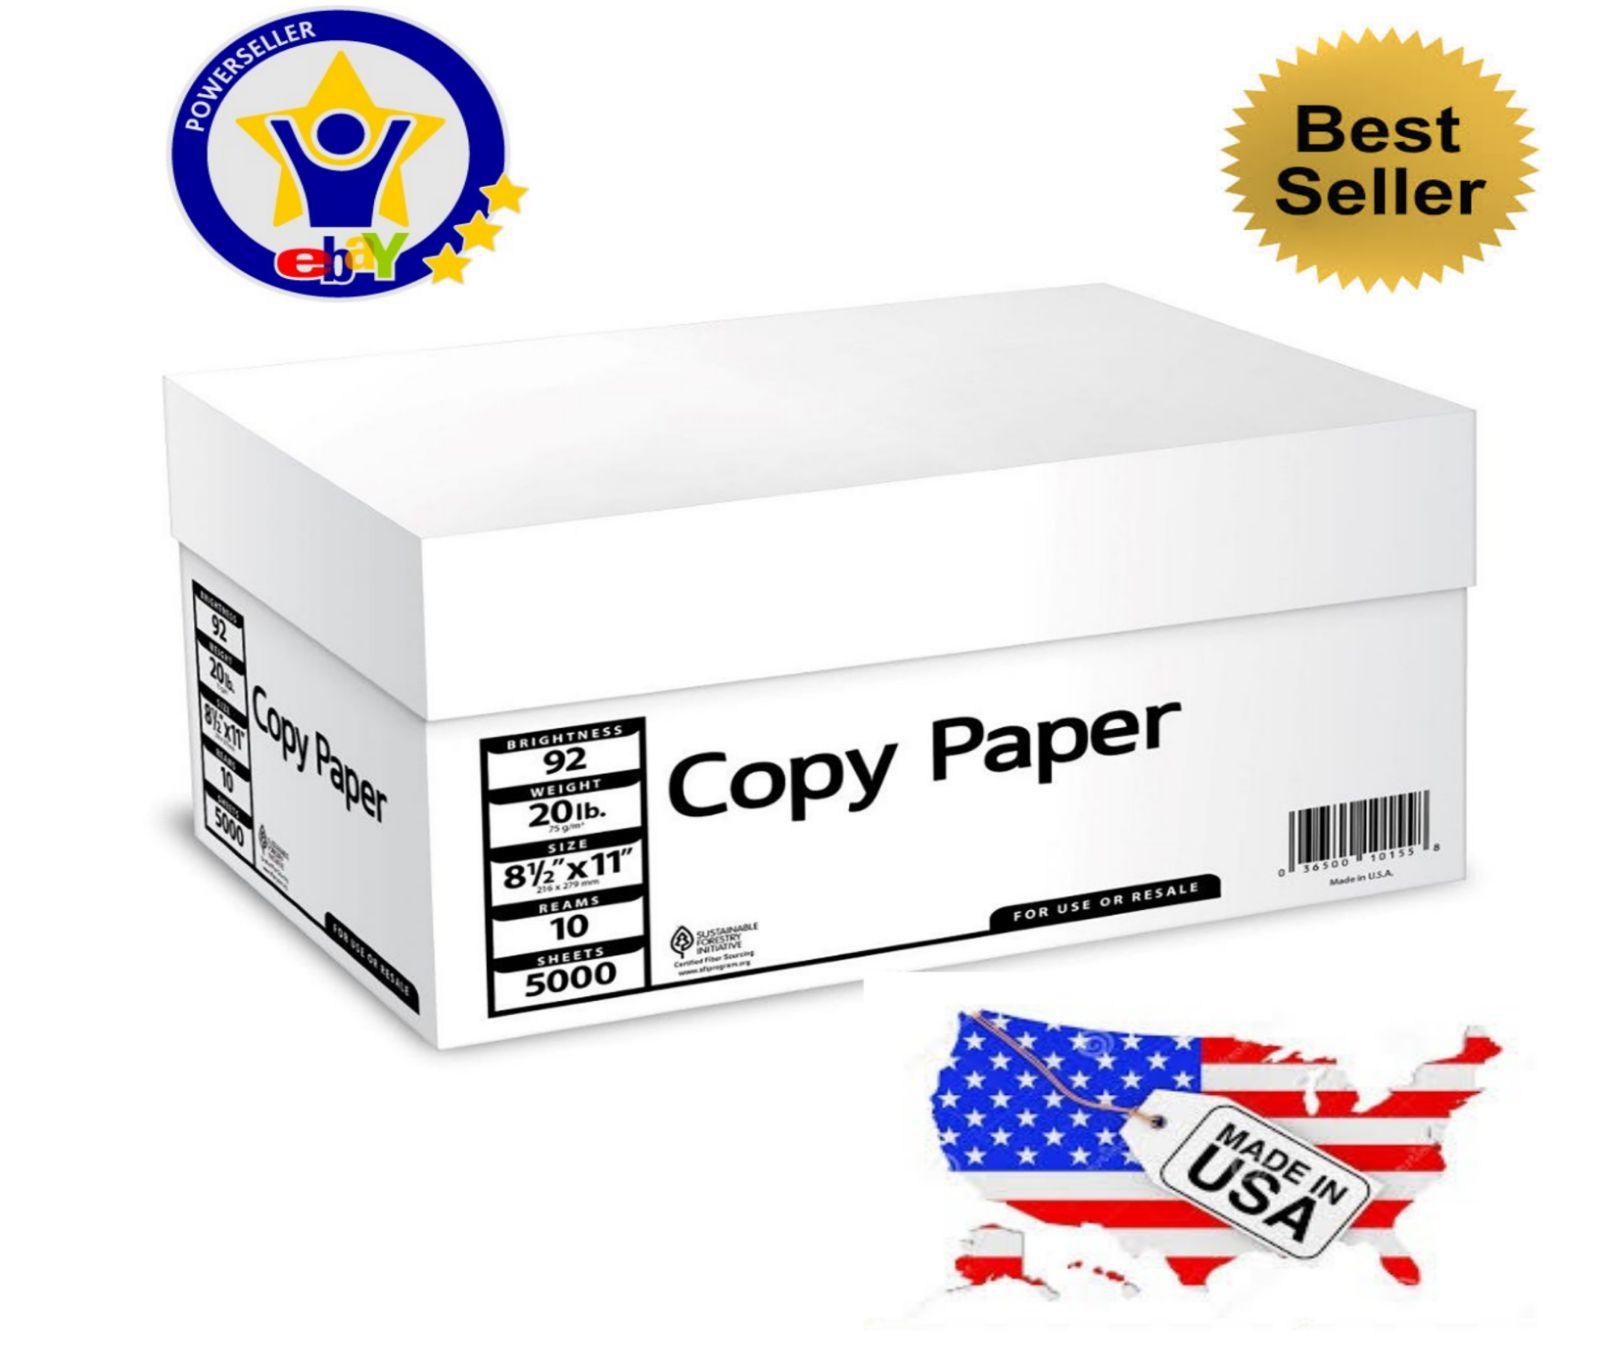 Printer Paper 86728 5000 Sheets Multipurpose Printer Copy Paper